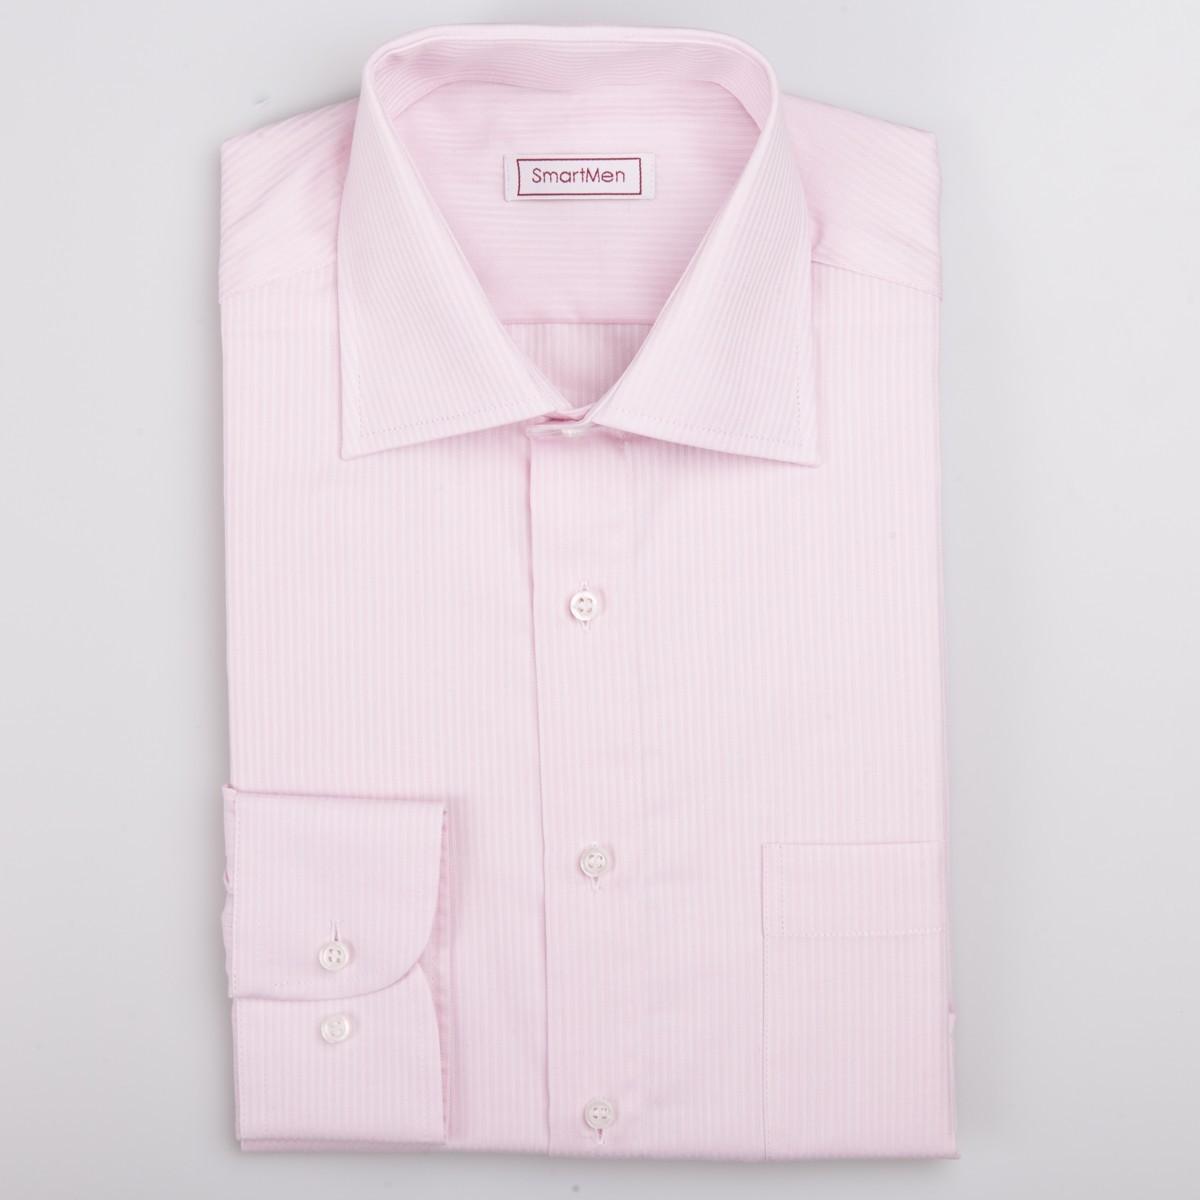 7f77631d9036 Ružová košeľa pánska dlhý rukáv Business SmartMen